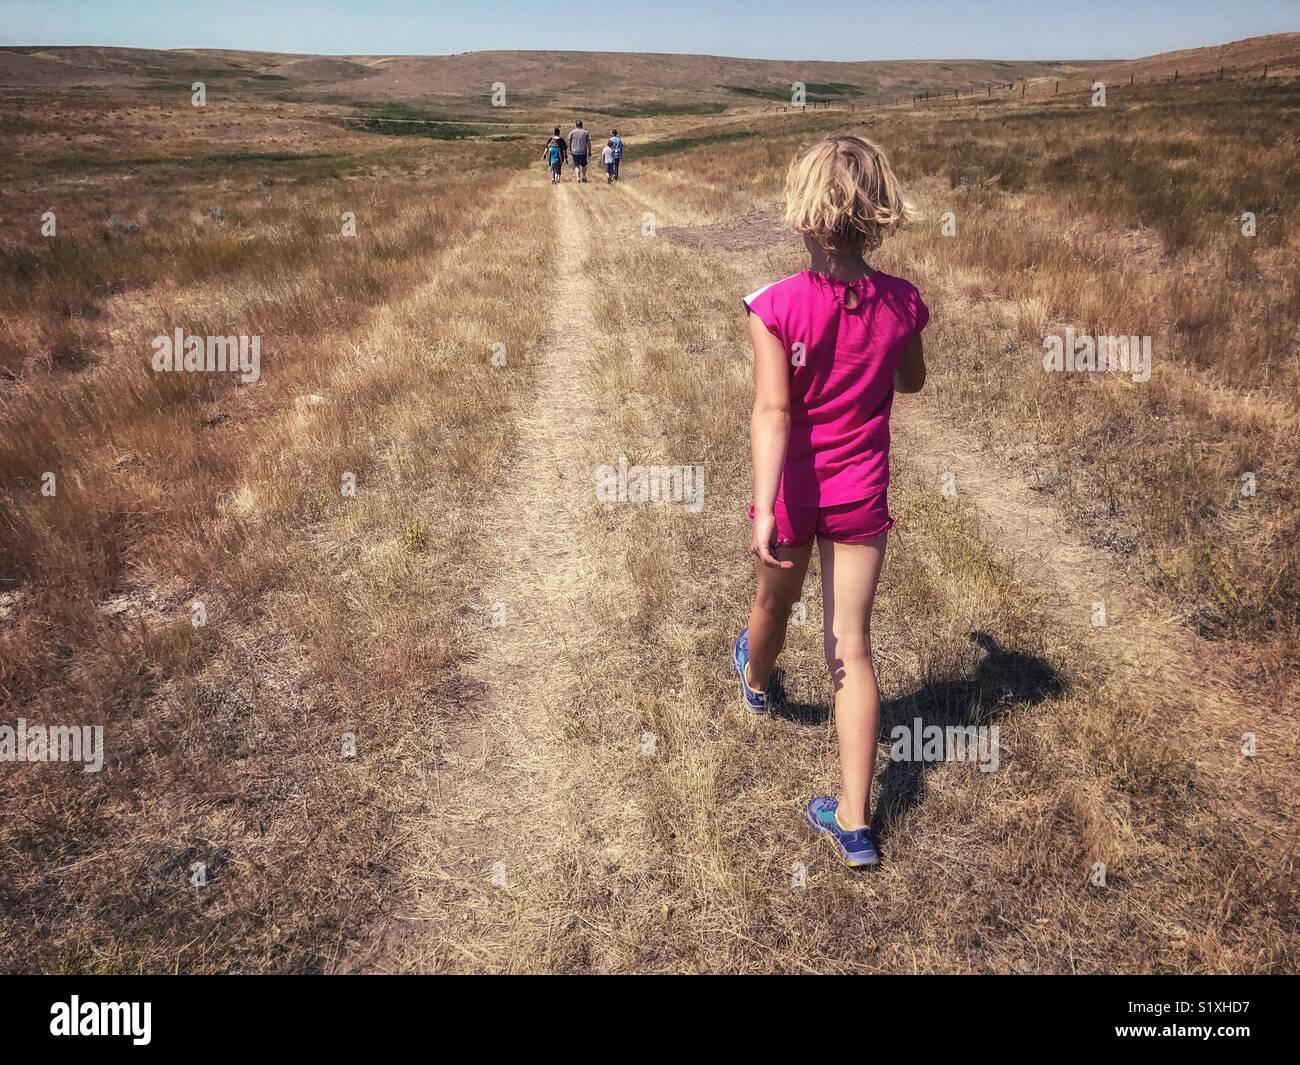 Una ragazza escursioni alacremente attraverso le praterie del sud del Saskatchewan, Canada, di catturare fino alla Immagini Stock